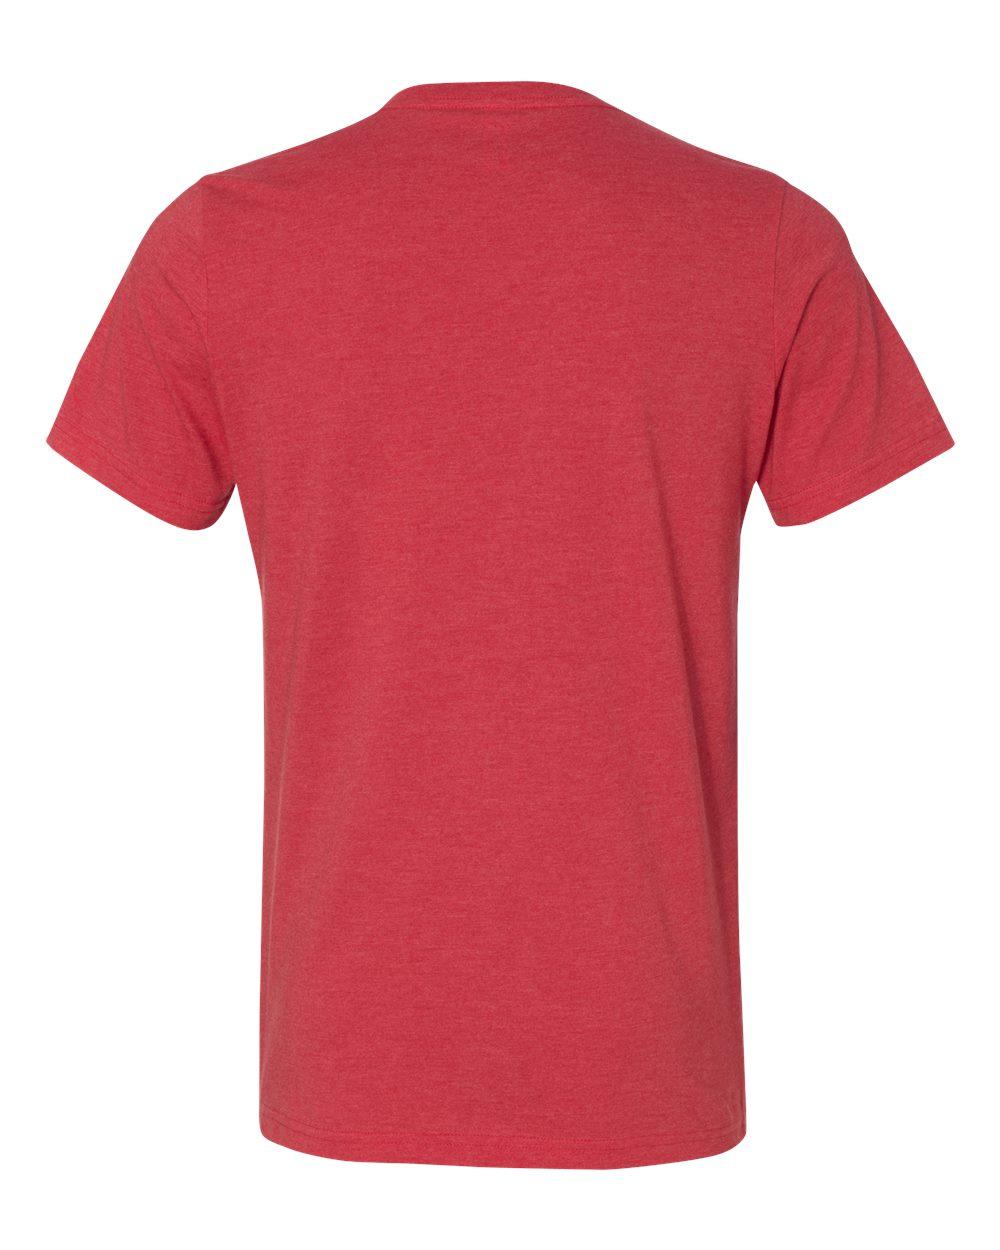 Bella-Canvas-Men-039-s-Jersey-Short-Sleeve-V-Neck-T-Shirt-3005-XS-3XL thumbnail 119